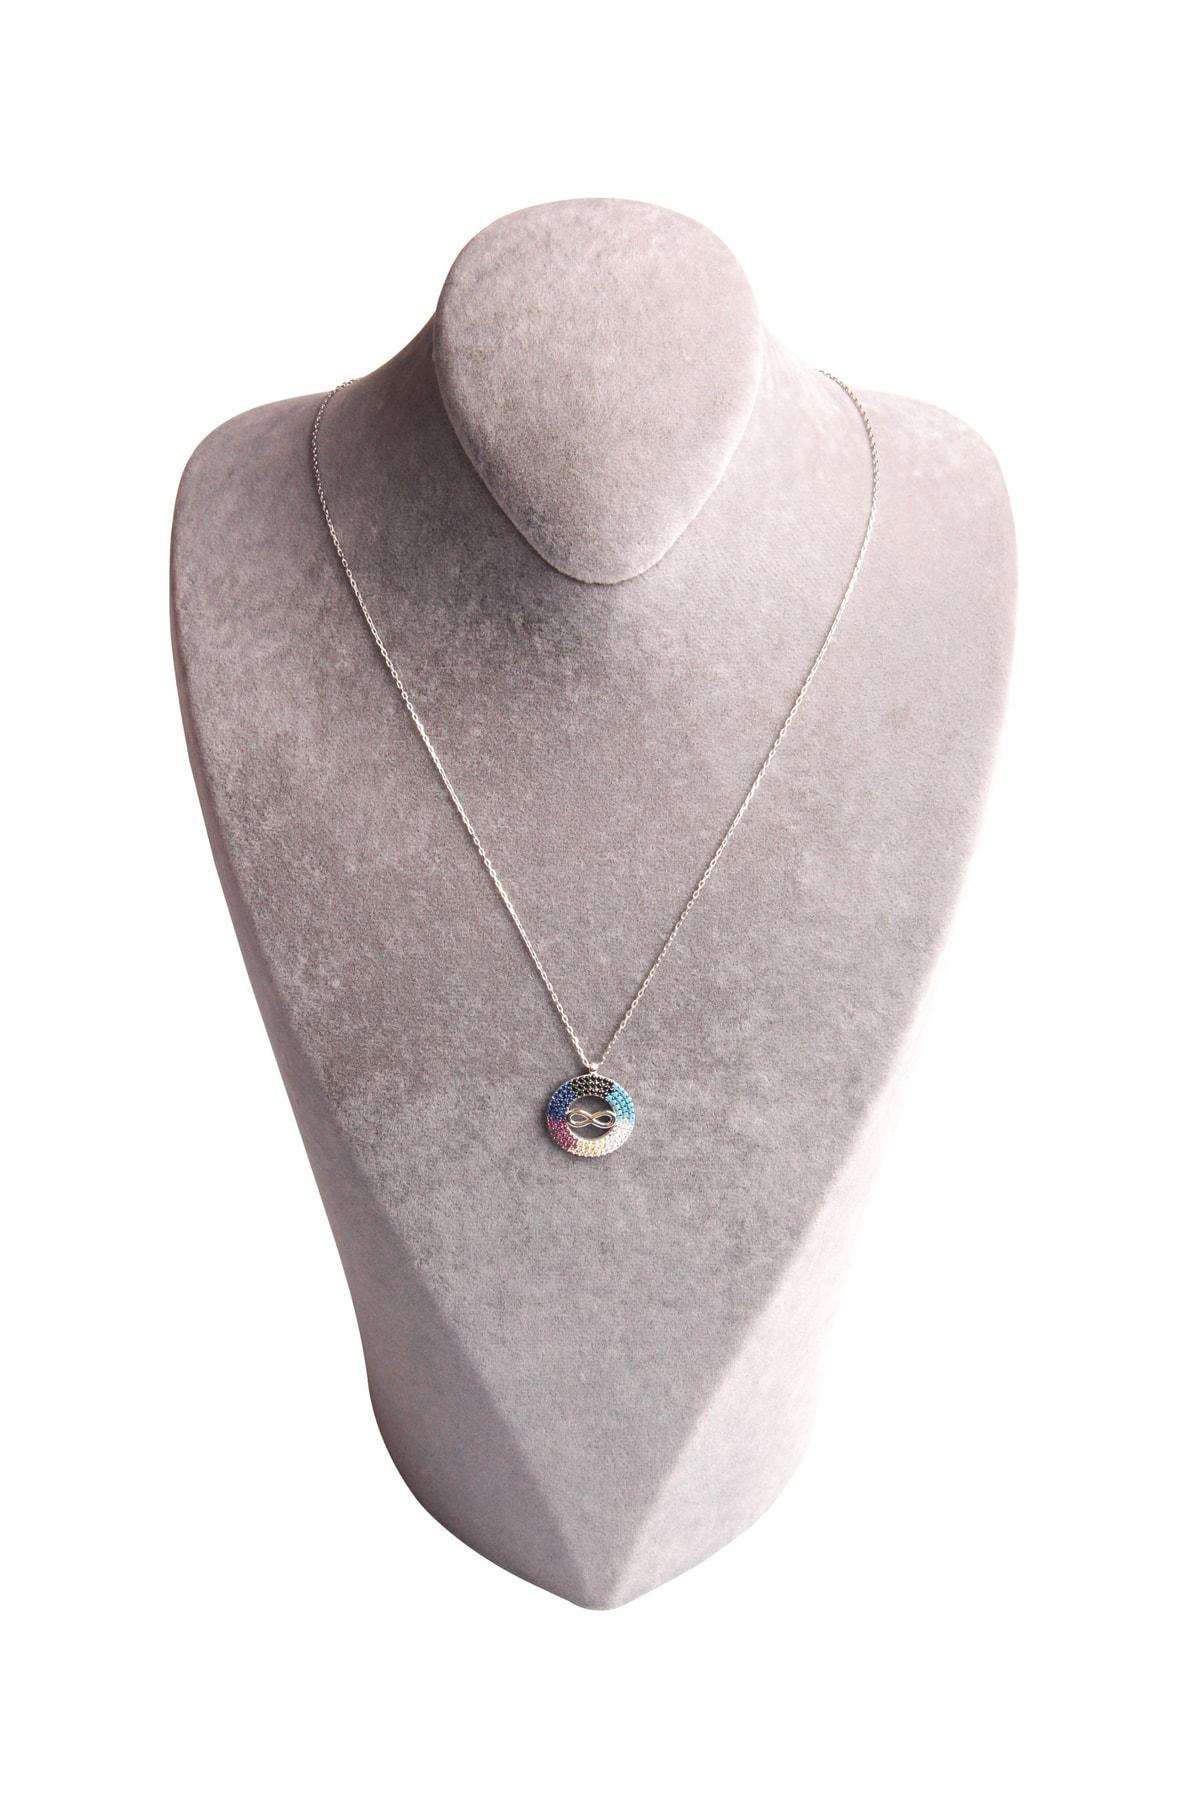 Sahra Renkli Zirkon Süslemeli Sonsuzluk Tasarım 925 Ayar Gümüş Kolye KLY-0066-32 2